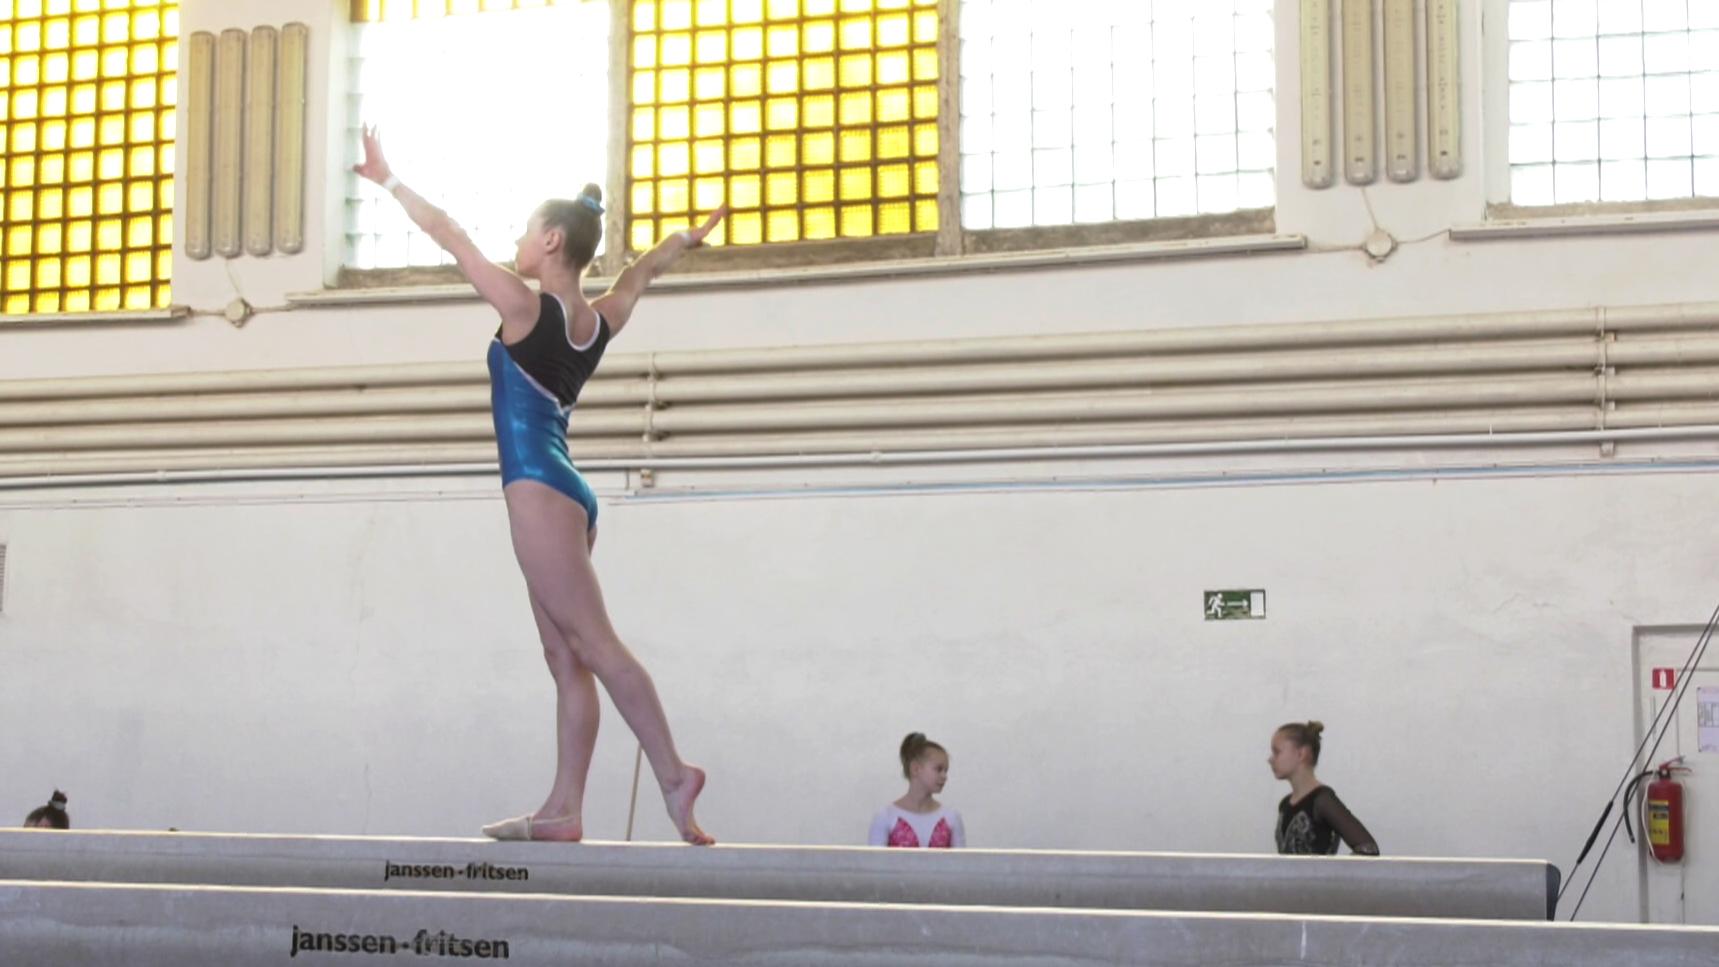 gimnastika - Турнир памяти Лазакович собрал в Витебске сильнейших белорусских гимнасток (видео)